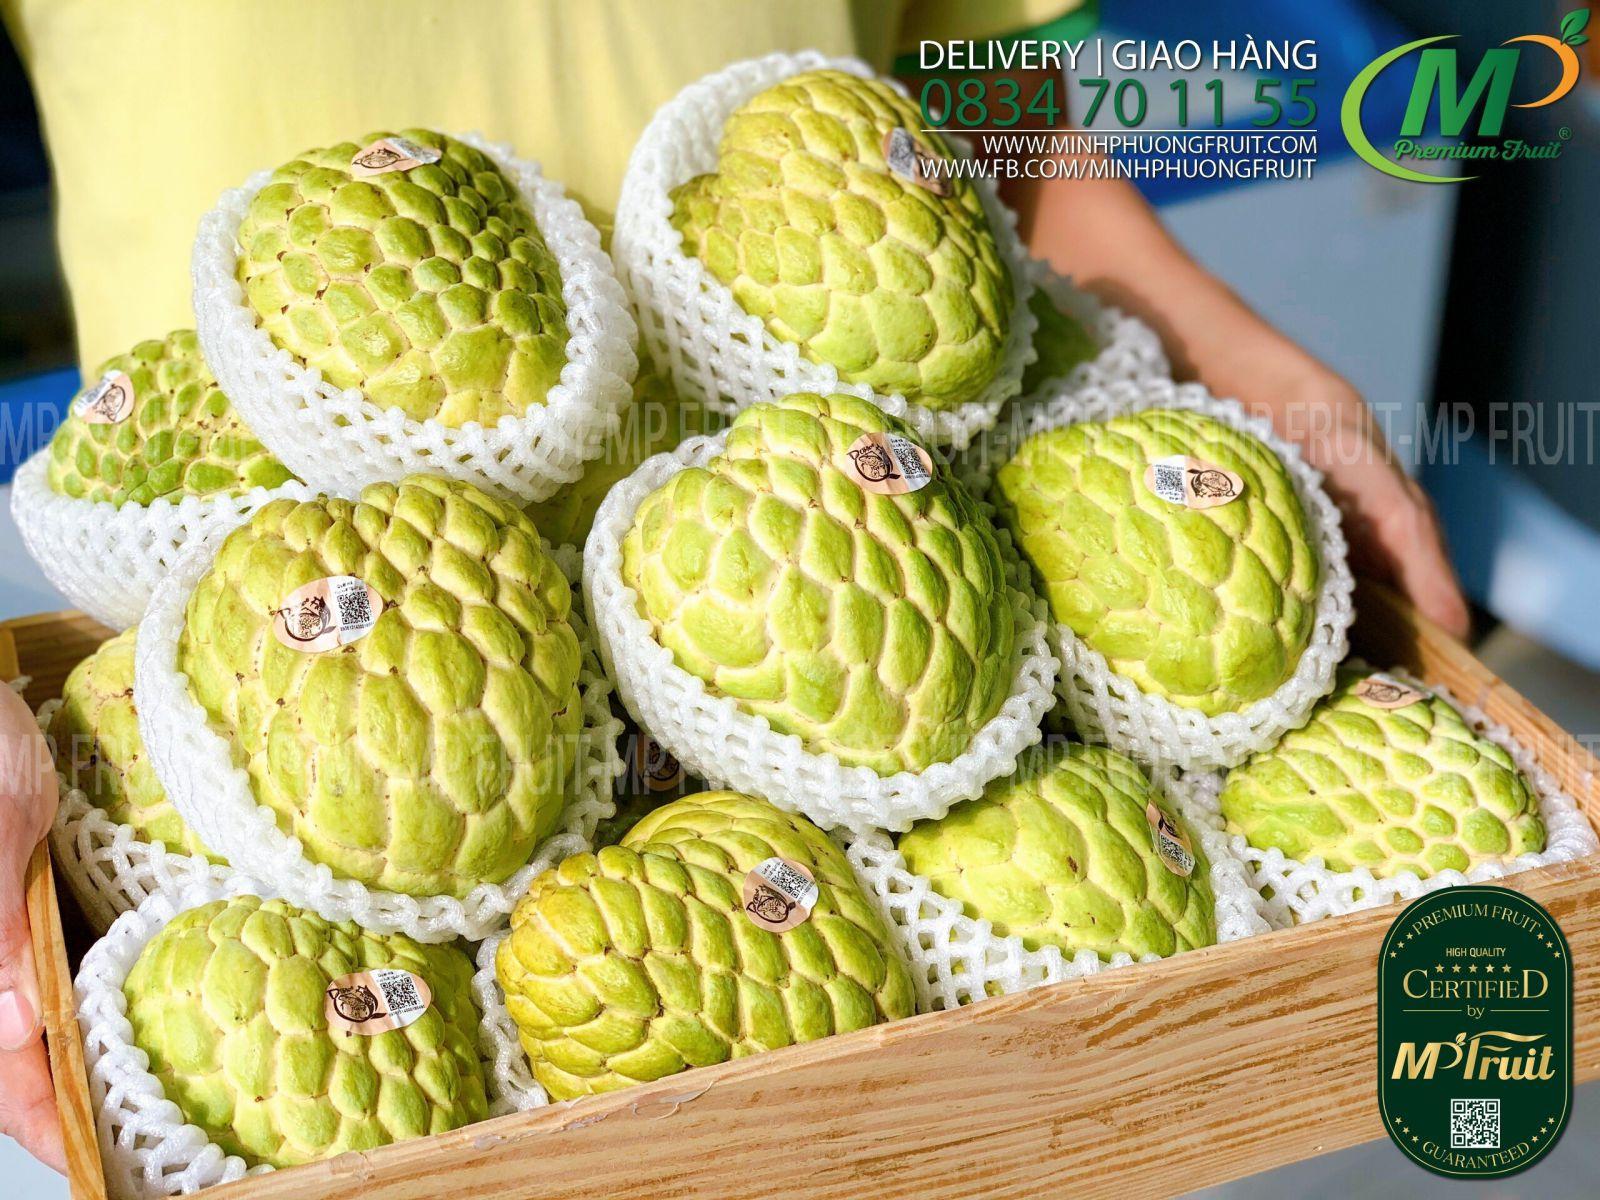 Na Dai Hoàng Hậu Thái Lan tại MP Fruits